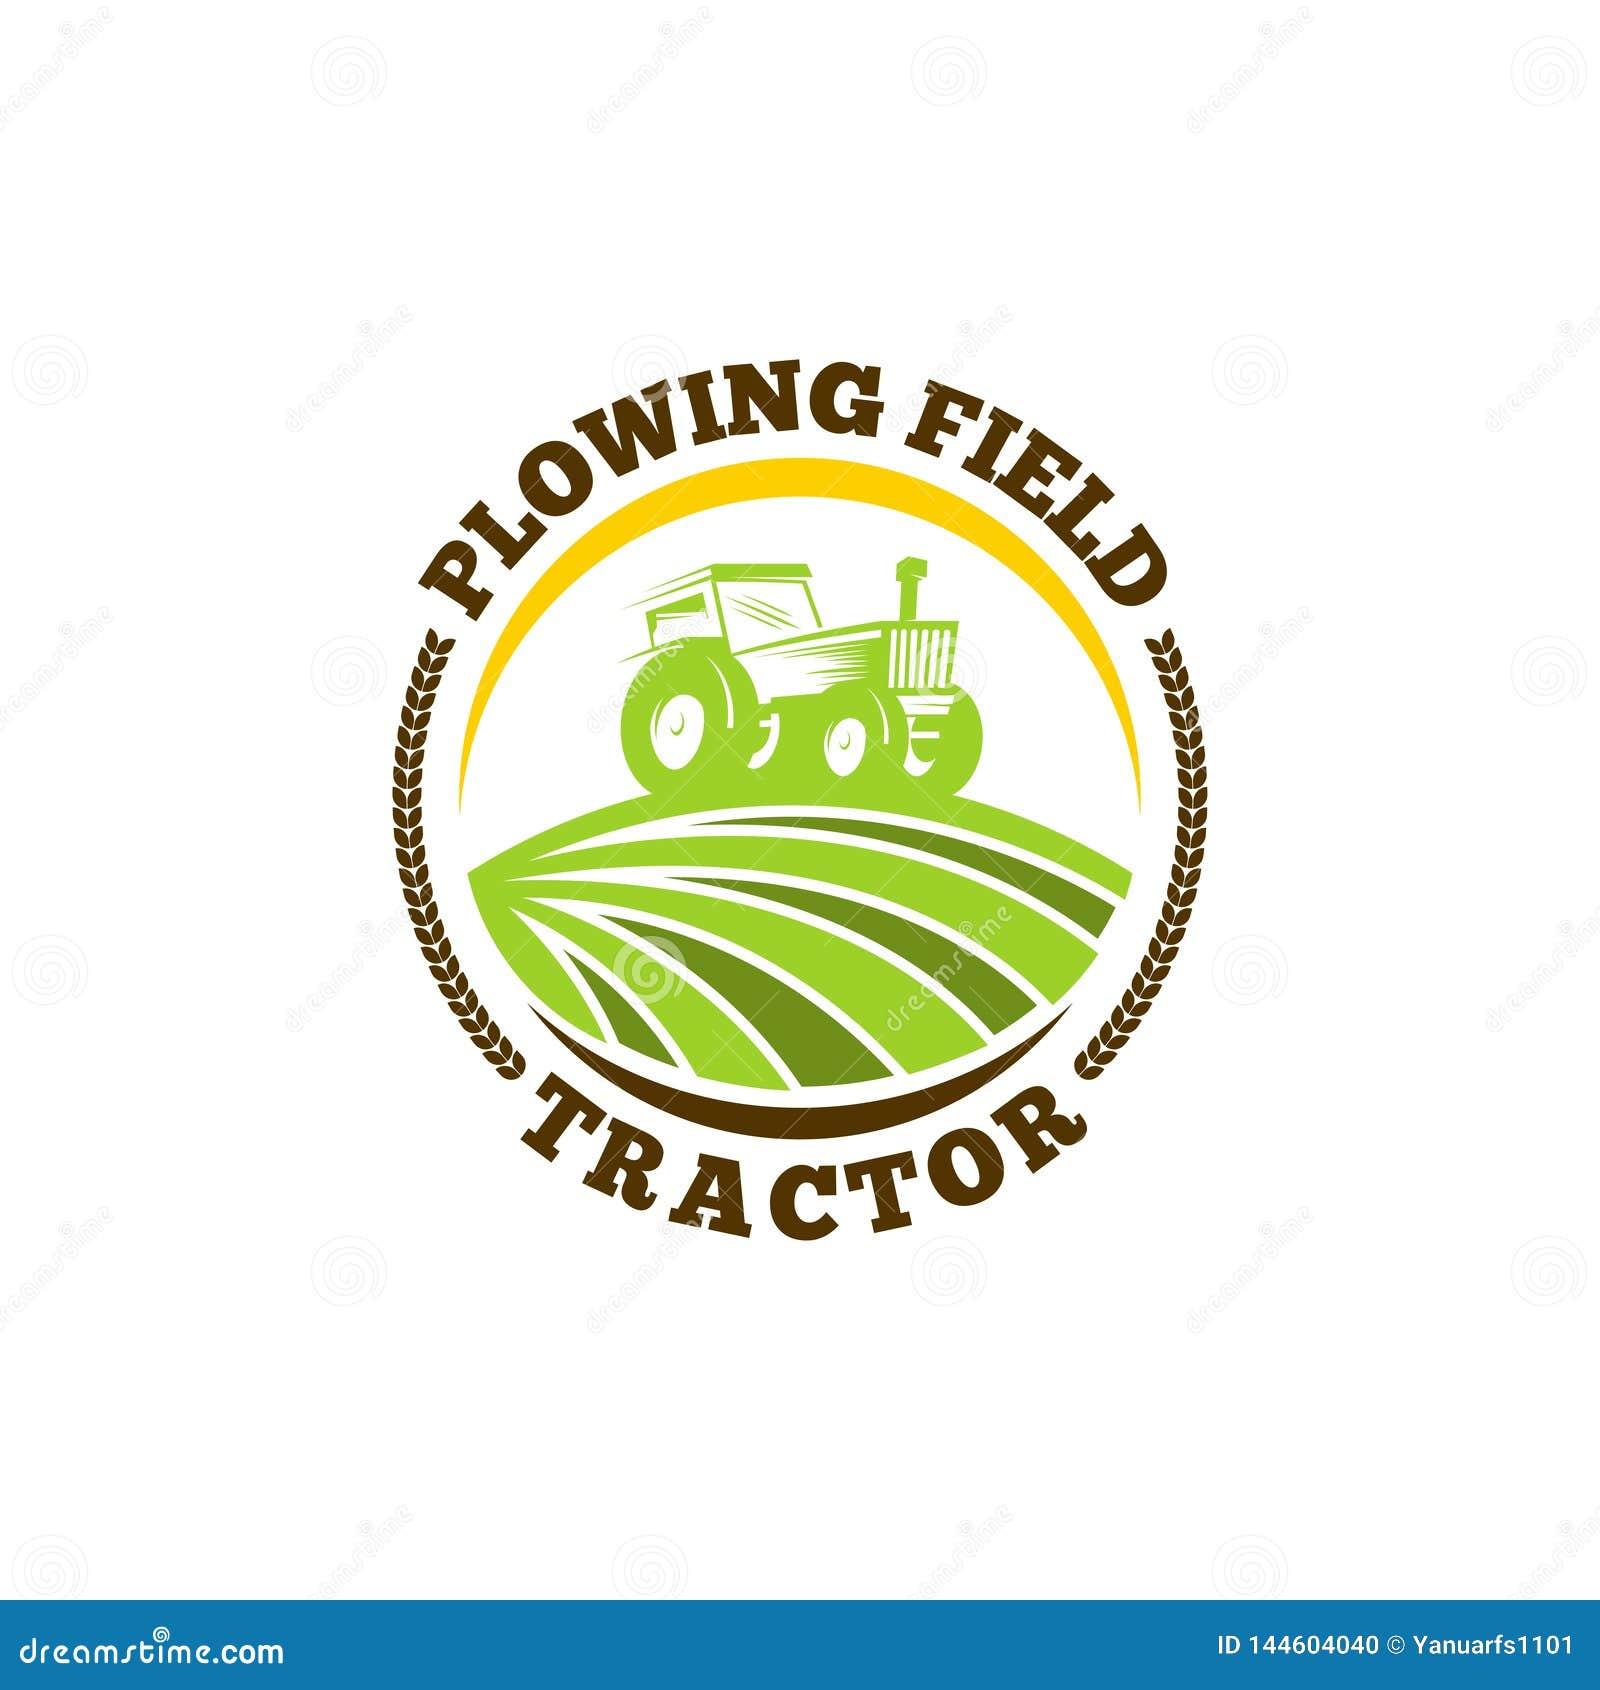 Tractor logo template vector. Tractor logo concept. Farming logo template